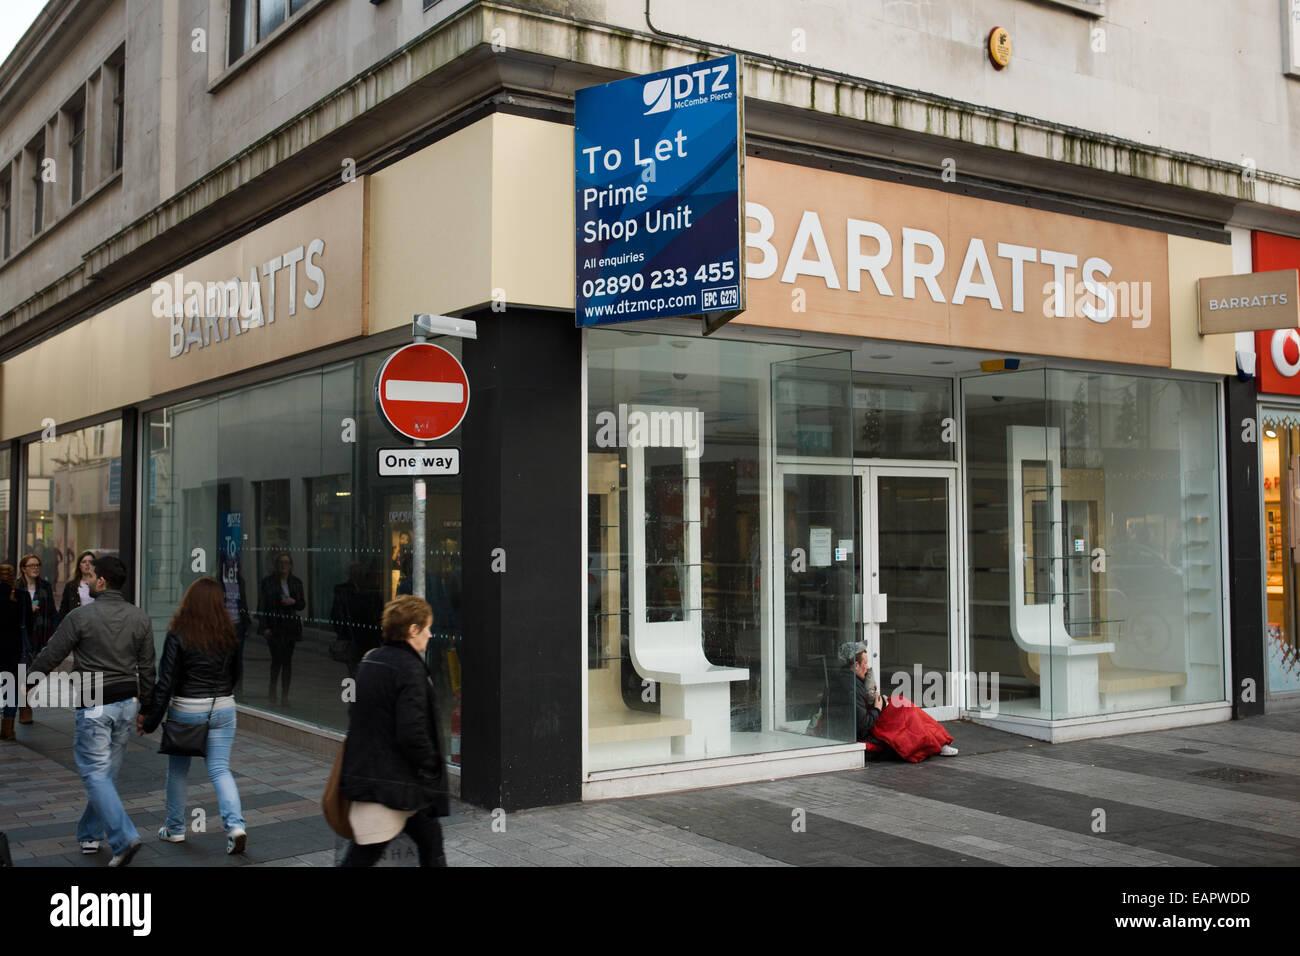 Donegall Place, Belfast, Royaume-Uni 19 novembre 2014. Barratts magasin de chaussures qui a déménagé à Castle court Banque D'Images